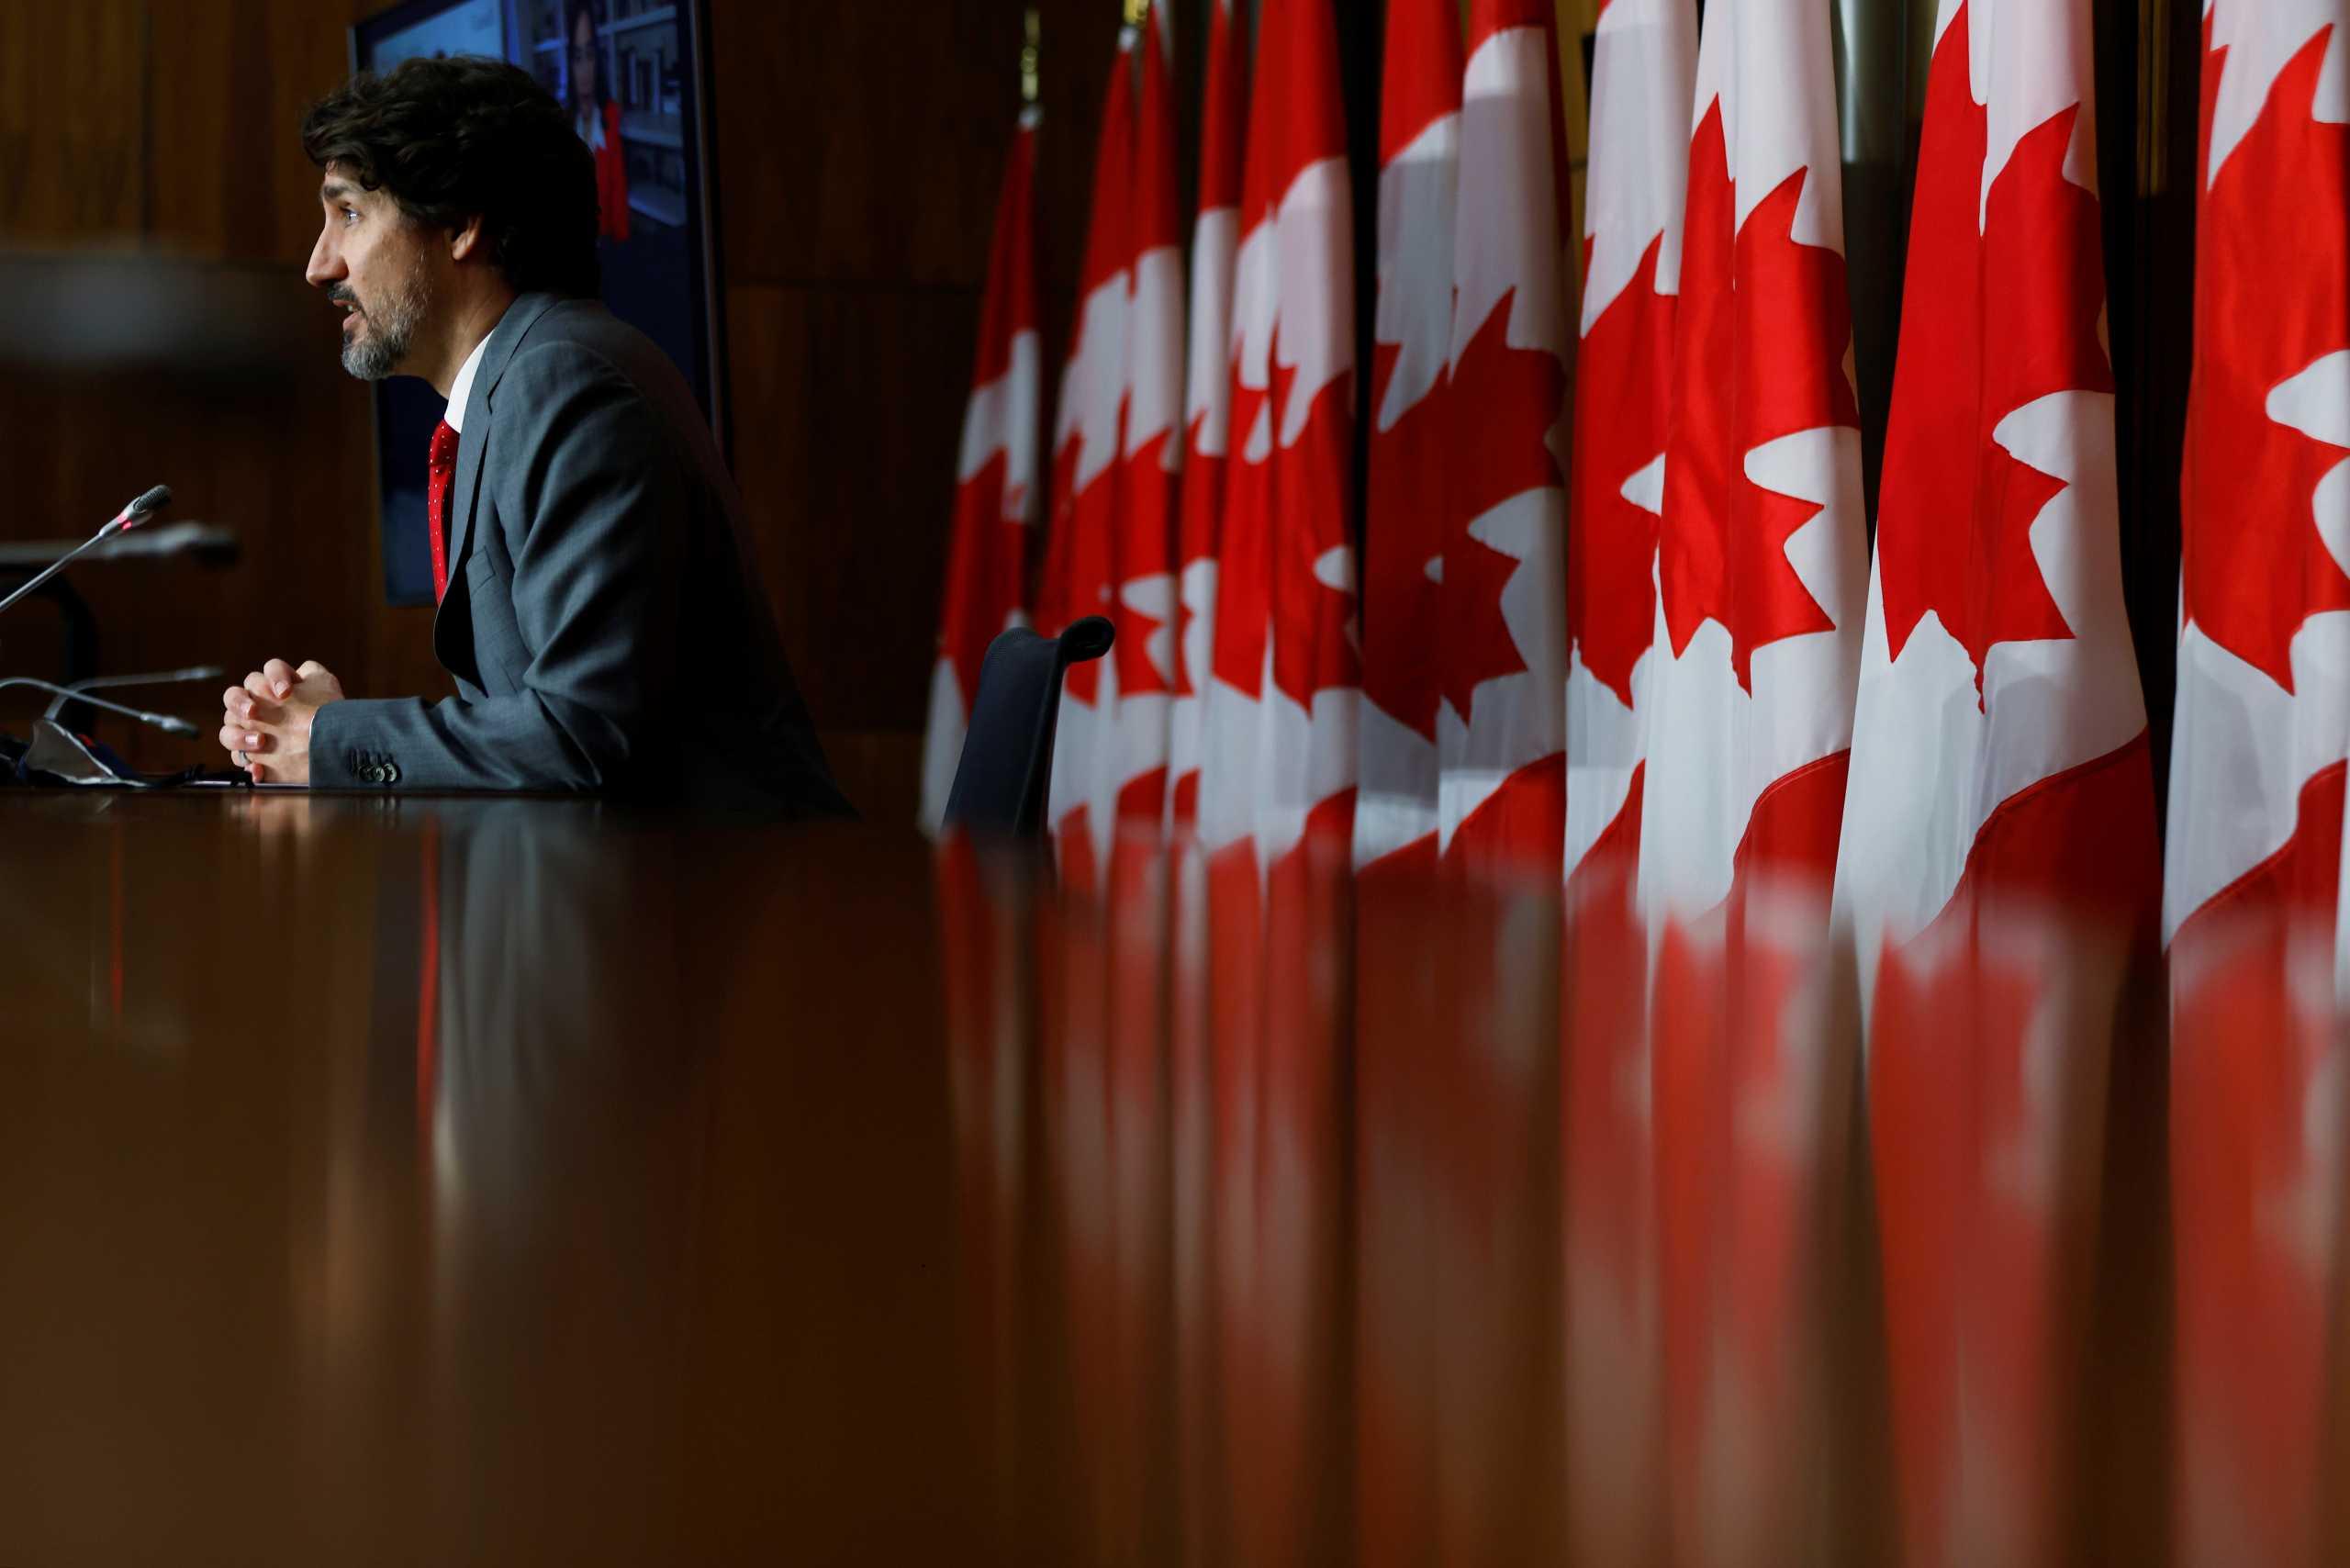 Κορονοϊός: Ρεκόρ κρουσμάτων στο Οντάριο του Καναδά